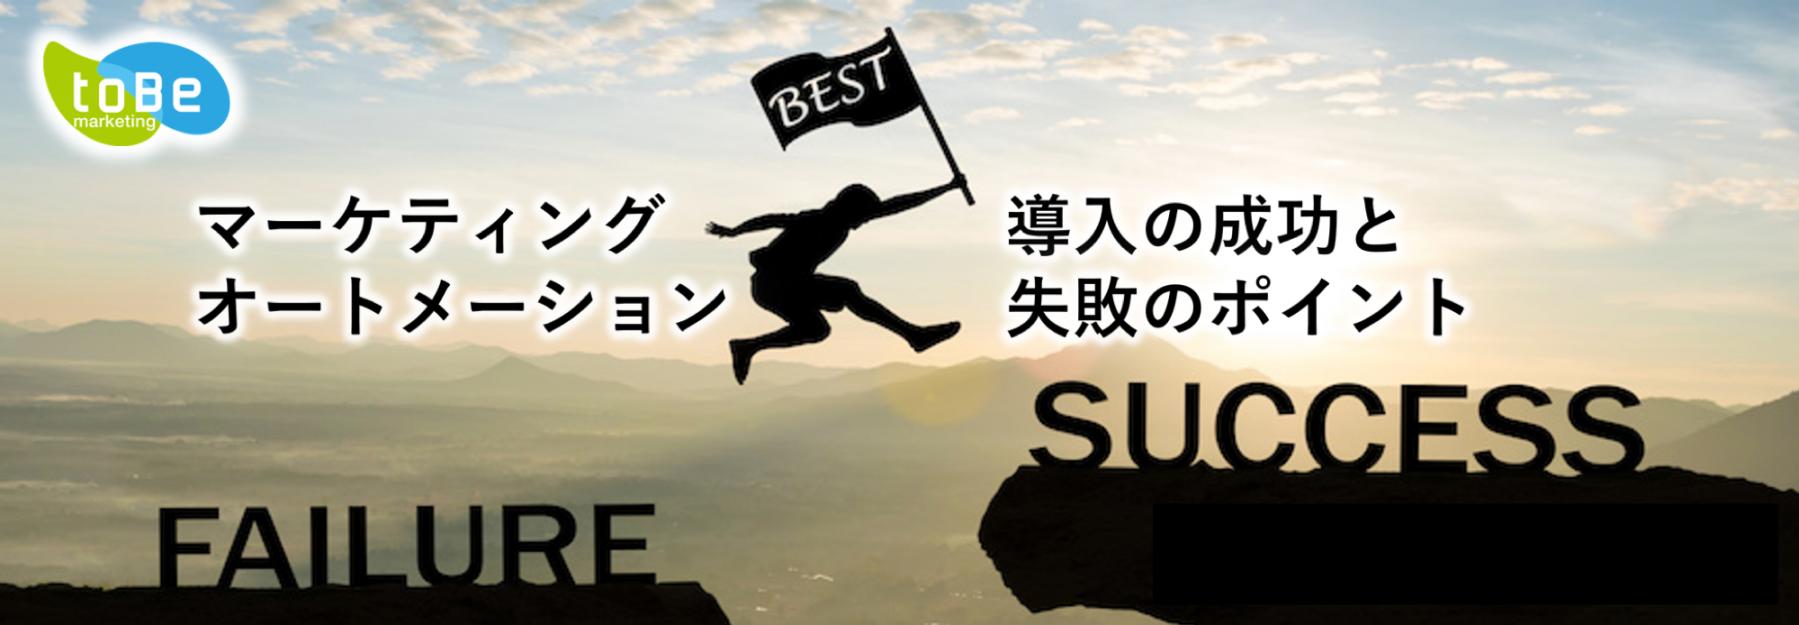 マーケティングオートメーション導入の成功と失敗のポイント @新橋